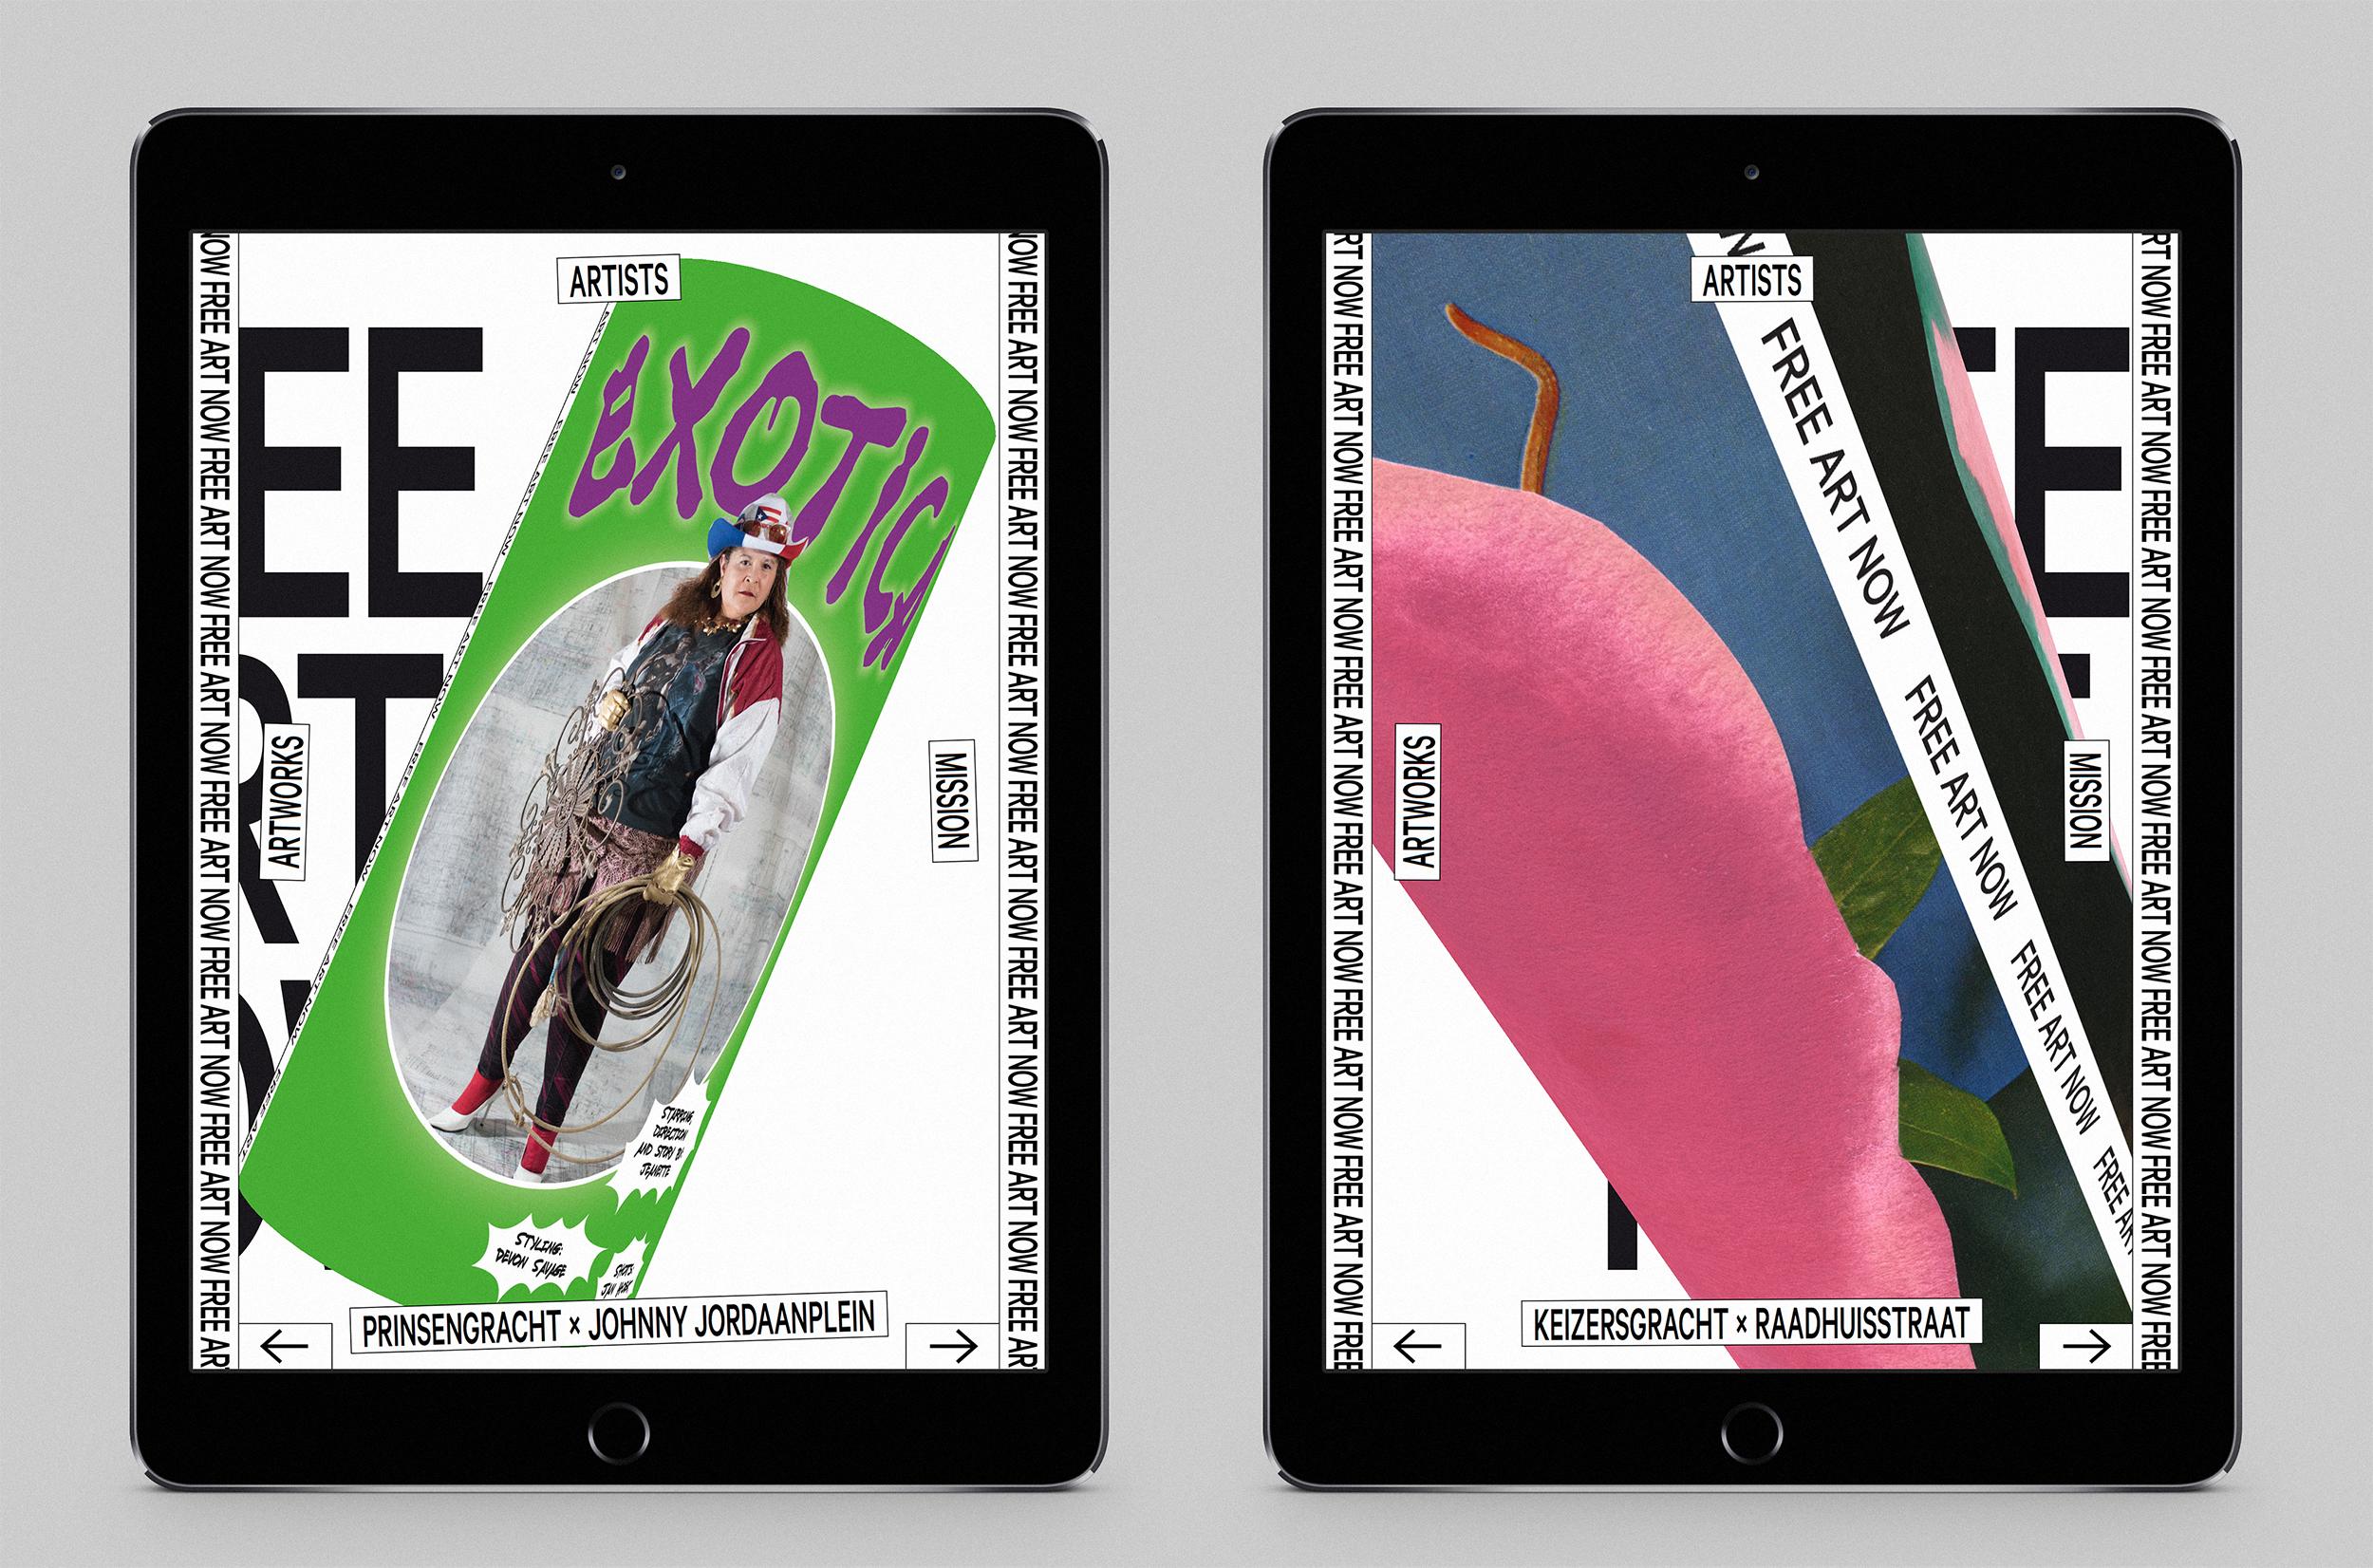 free art now website studio lennarts de bruijn